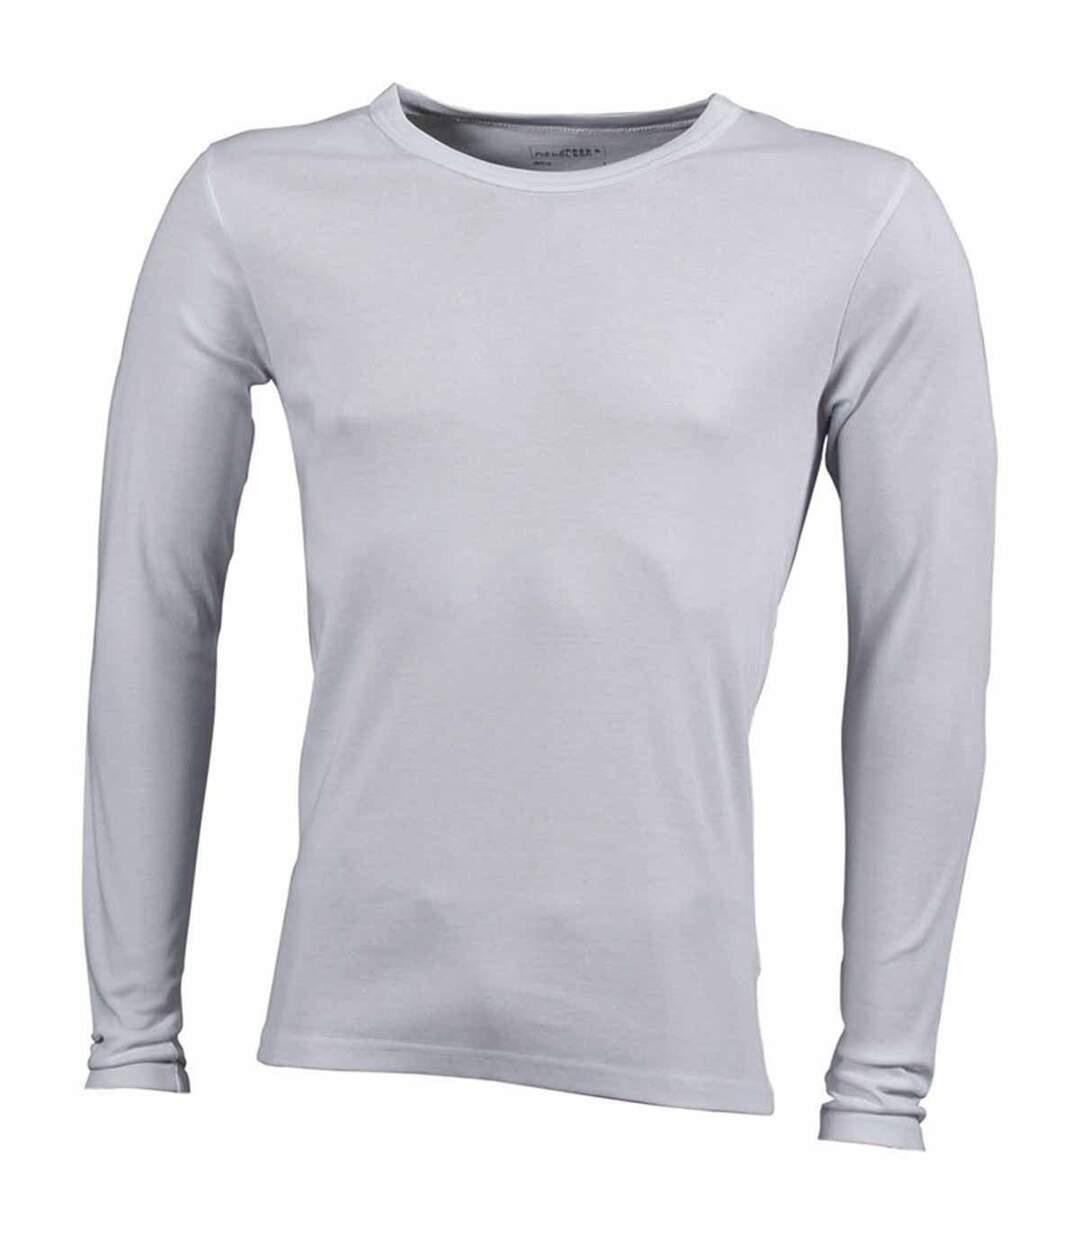 T-shirt homme manches longues - JN916 - blanc - coton extensible